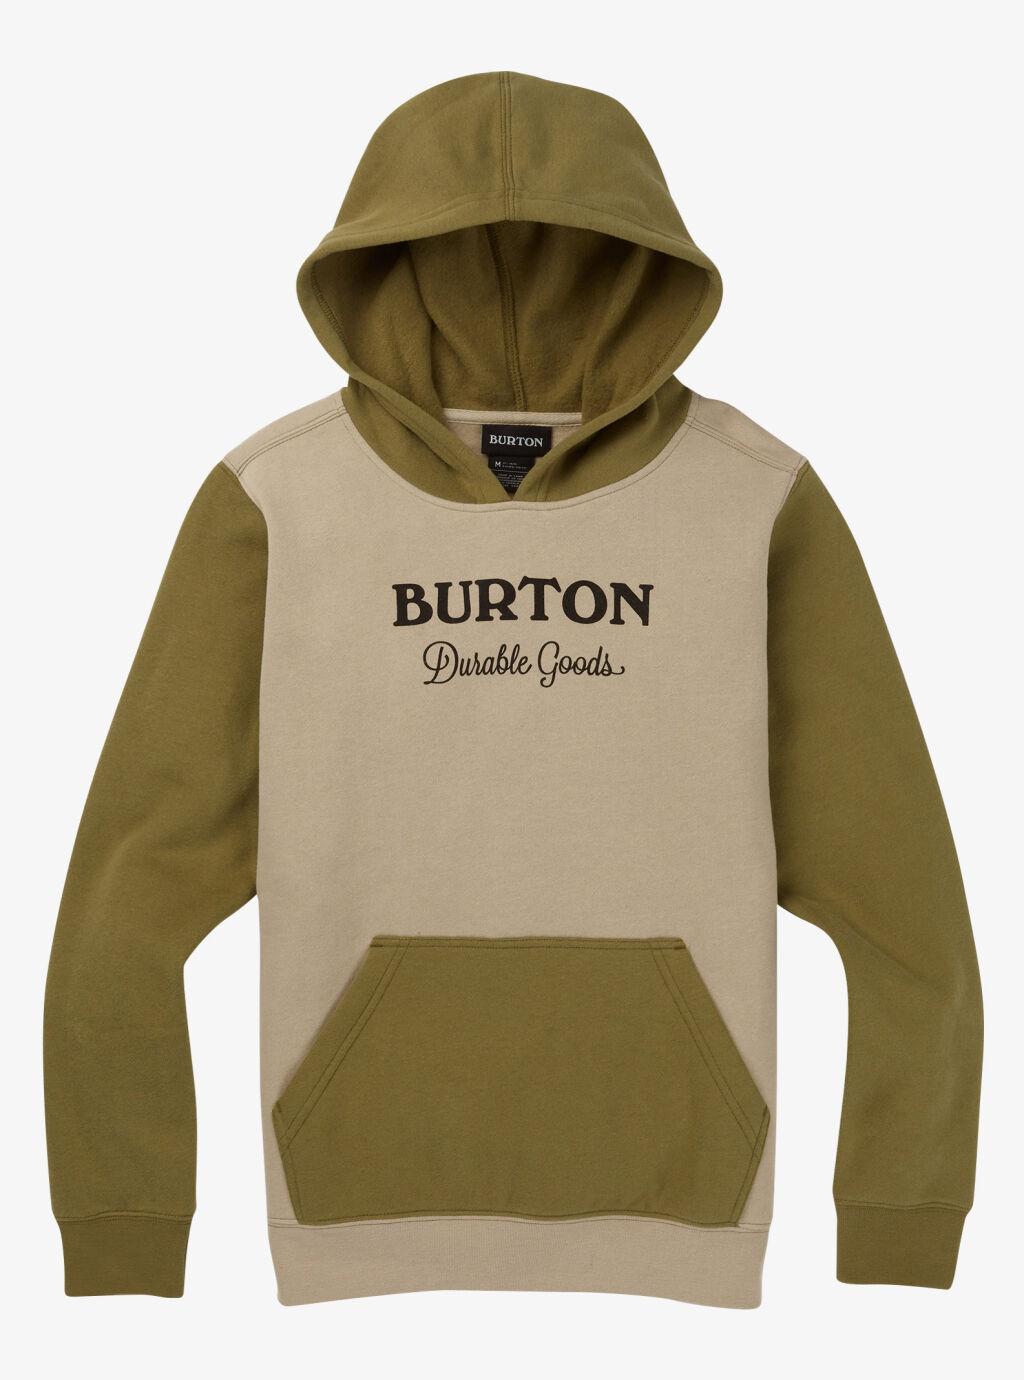 viralliset kuvat halvempaa kohtuullinen hinta Burton Boys' Logo Vertical Pullover Hoodie - Huppari   Intersport